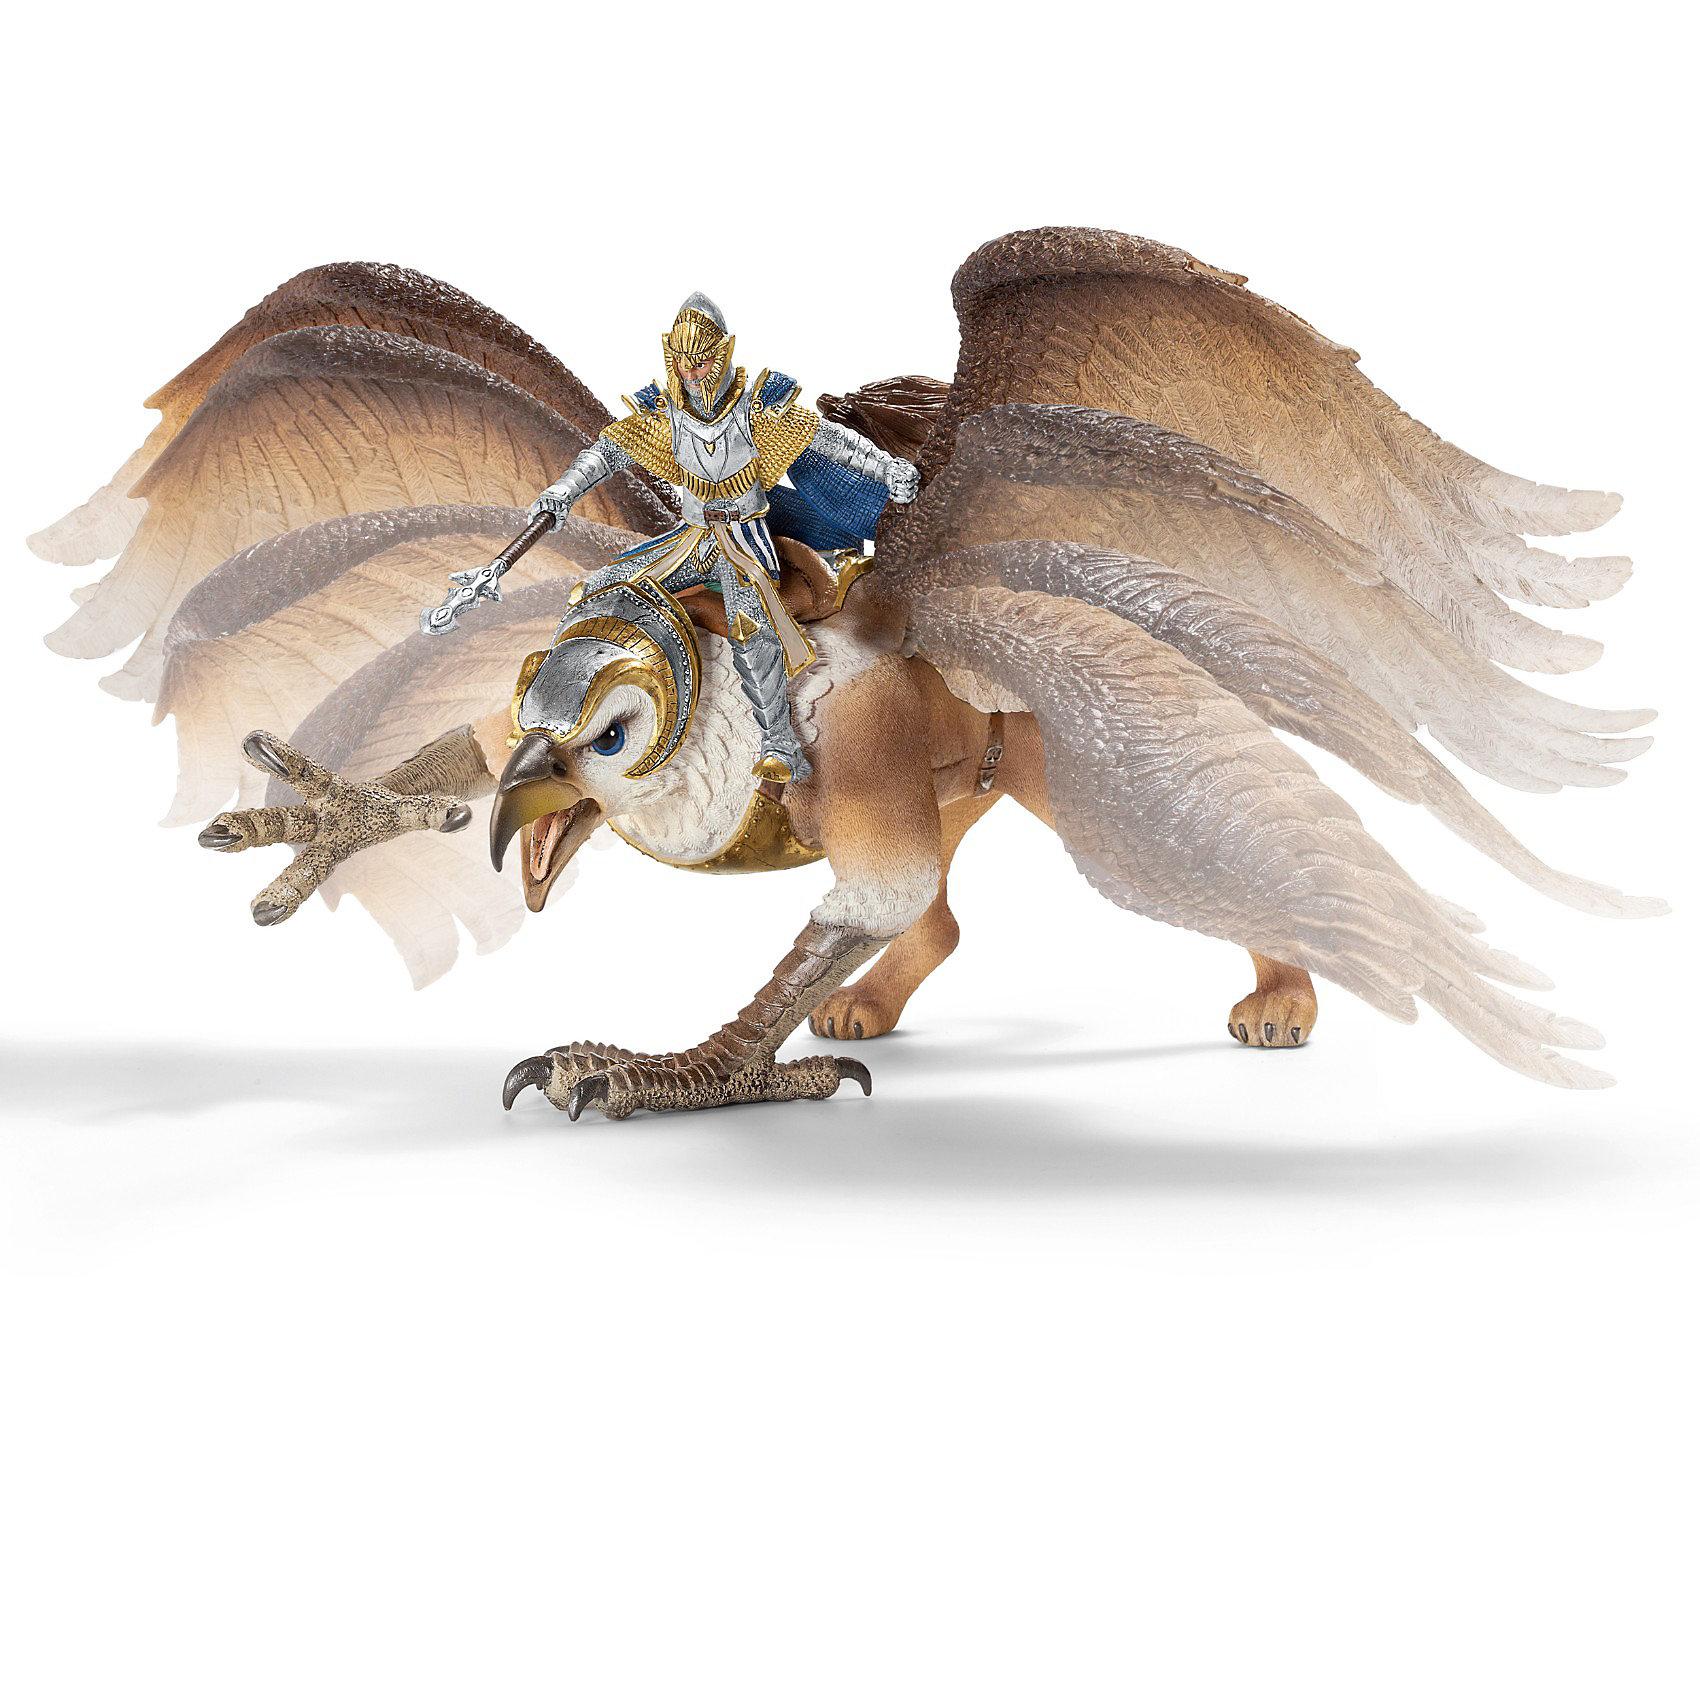 Всадник на грифоне Орден Грифона, SchleichСолдатики и рыцари<br>Всадник на грифоне Орден Грифона от Schleich (Шляйх) на своей сильной птице может летать выше и дальше, чем на любом другом драконе. Вождь Ордена Грифон оседлал эту гордую птицу, надел на нее мощную броню. Грифон обладает прекрасным зрением, он замечает любое движение с очень большого расстояния, это делает вождя Ордена Грифонов практически непобедимым. <br><br>Дополнительная информация:<br><br>-фигурка Рыцарь на грифоне, раскрашенная вручную, сделана из безопасного материала – каучукового пластика<br>-размеры (ДхШхВ): 29х17,5х17,5 см<br>-крылья грифона подвижные<br>-всадник надежно крепится к грифону с помощью магнитов, встроенных в фигурку. <br><br>Игрушку Всадник на грифоне Орден Грифона, Schleich (Шляйх) можно купить в нашем интернет - магазине.<br><br>Ширина мм: 295<br>Глубина мм: 175<br>Высота мм: 172<br>Вес г: 805<br>Возраст от месяцев: 36<br>Возраст до месяцев: 96<br>Пол: Мужской<br>Возраст: Детский<br>SKU: 3164163